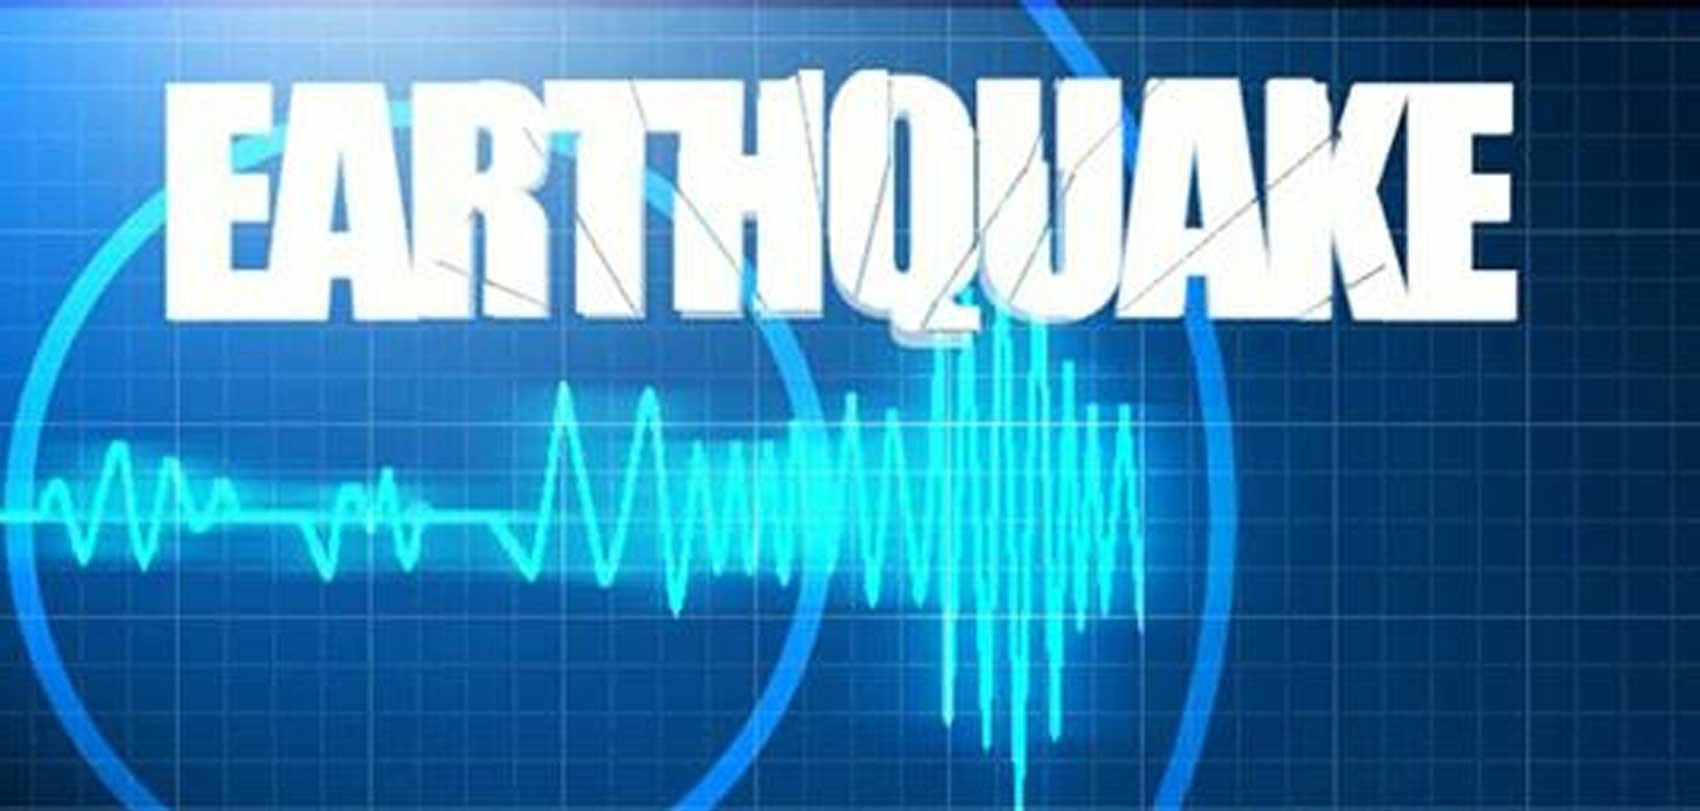 थाइल्याण्डमा ६.४ म्याग्निच्युडको भूकम्प